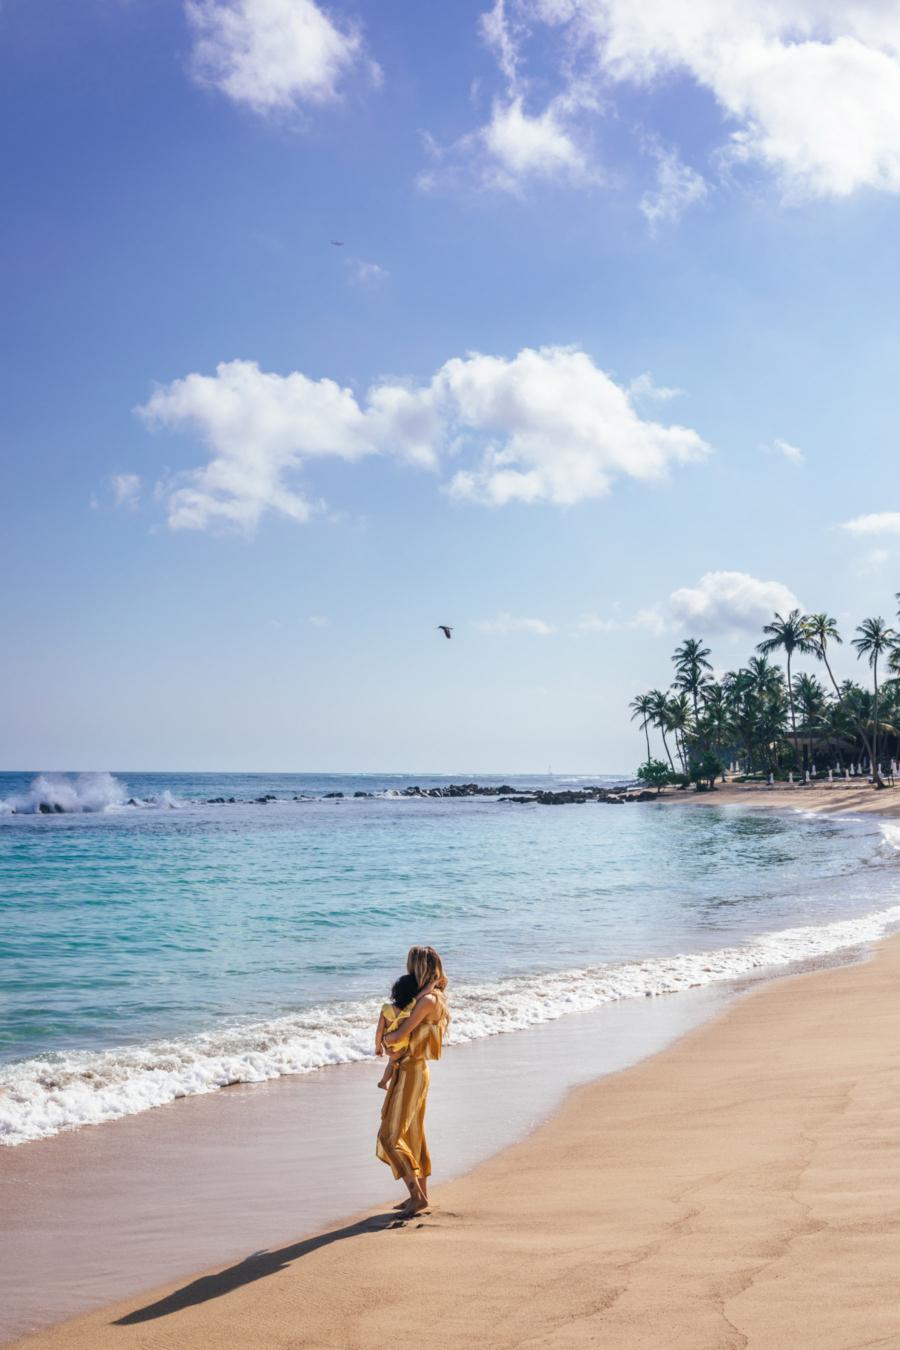 Family Time Dorado Beach Ritz Carlton - Discover Puerto Rico's Best Kept Secret // NotJessFashion.com